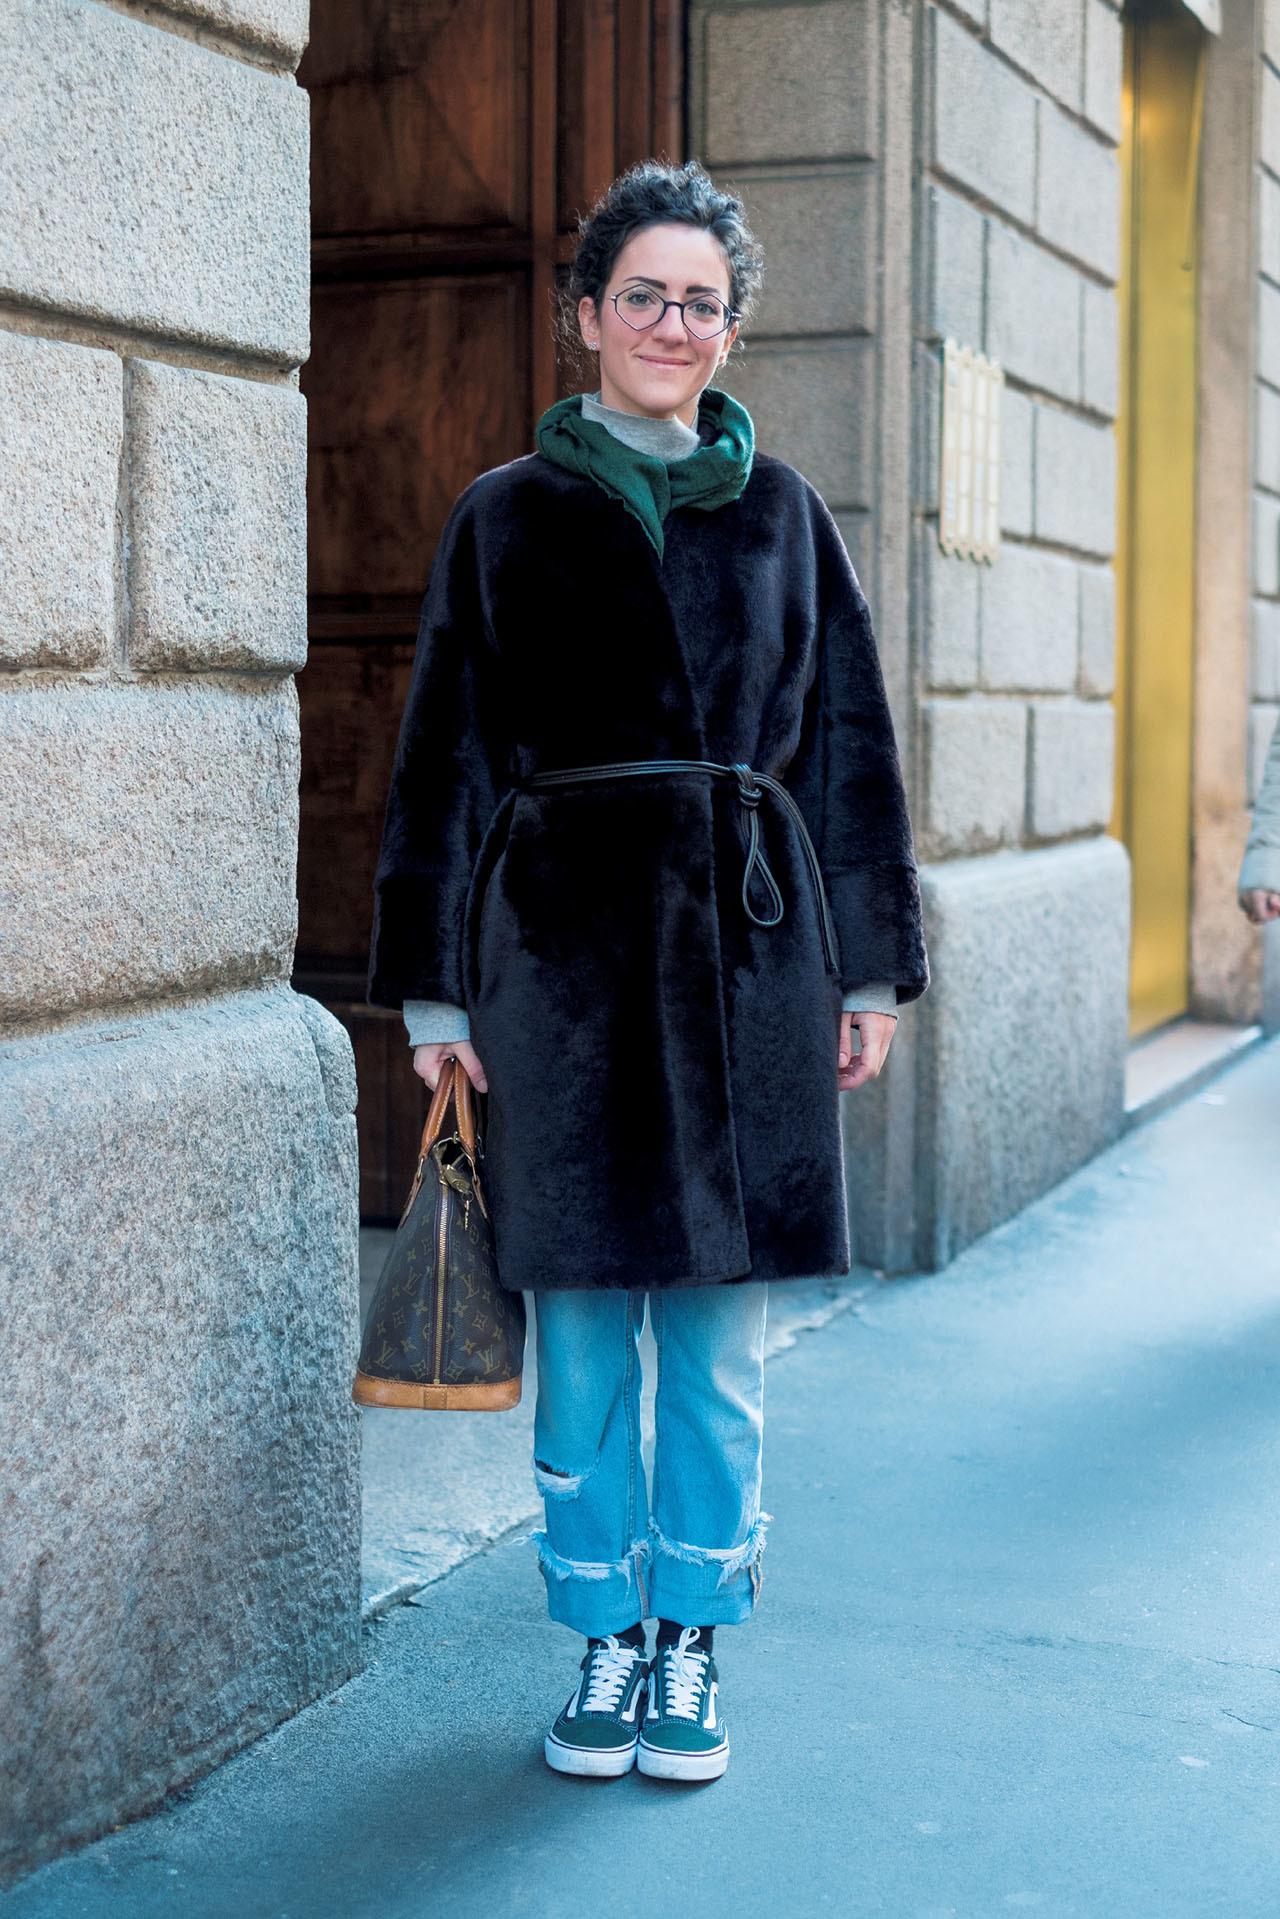 世界のマダムもまだまだスニーカーを履いている! 五選_1_1-3